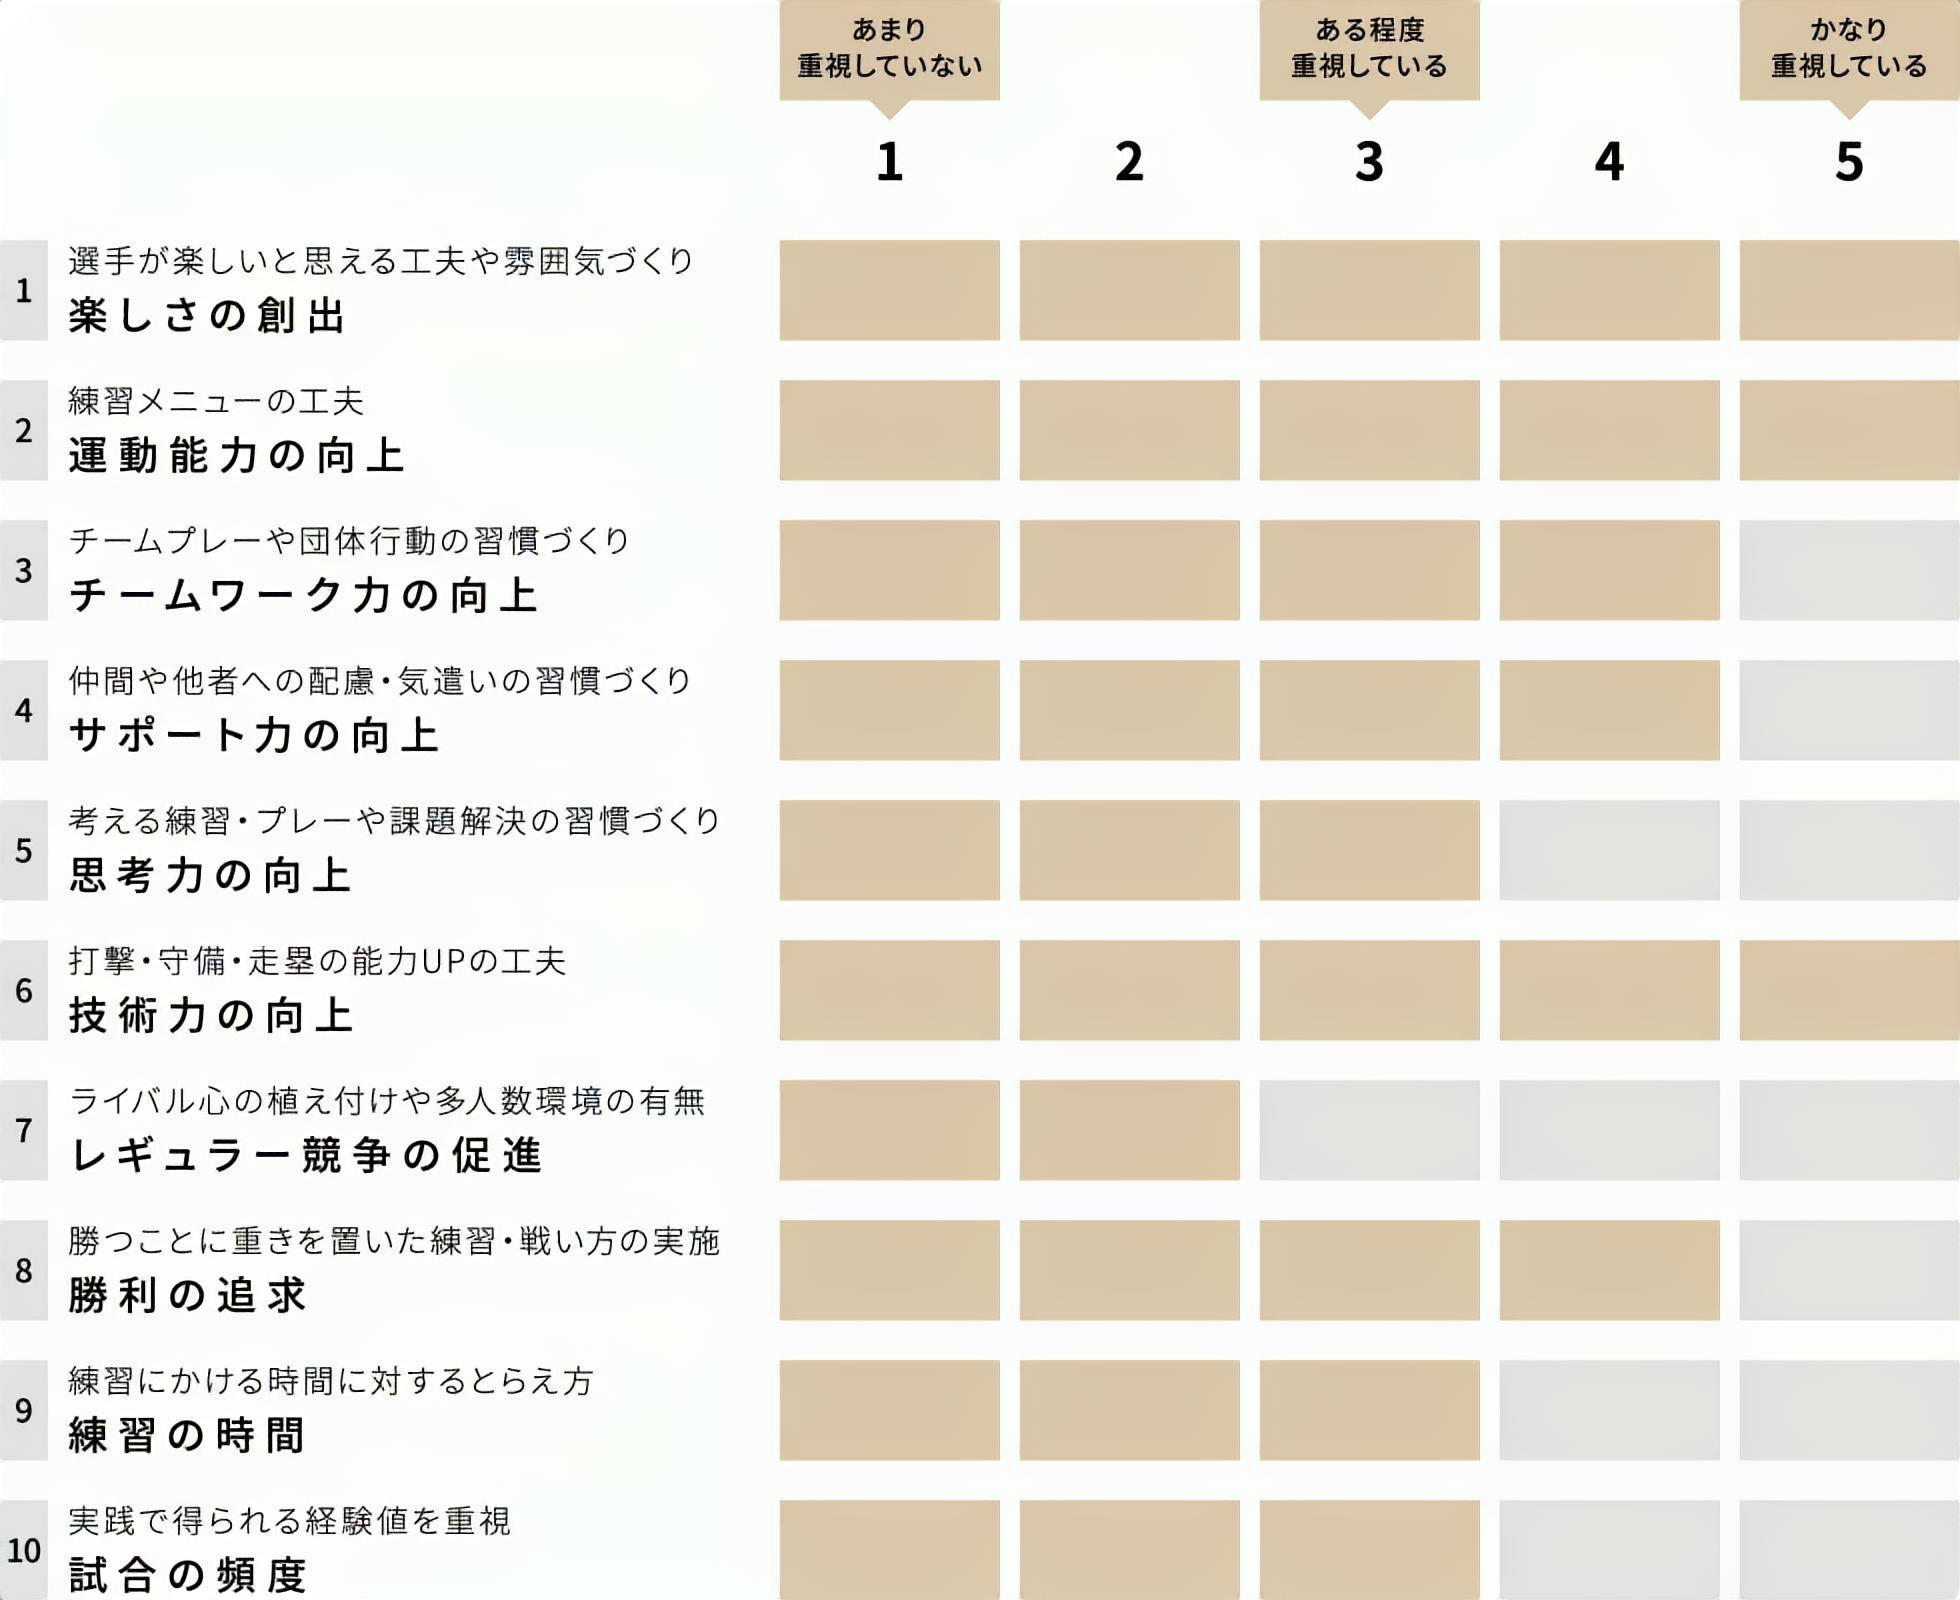 波崎ウイングス チーム重視グラフ